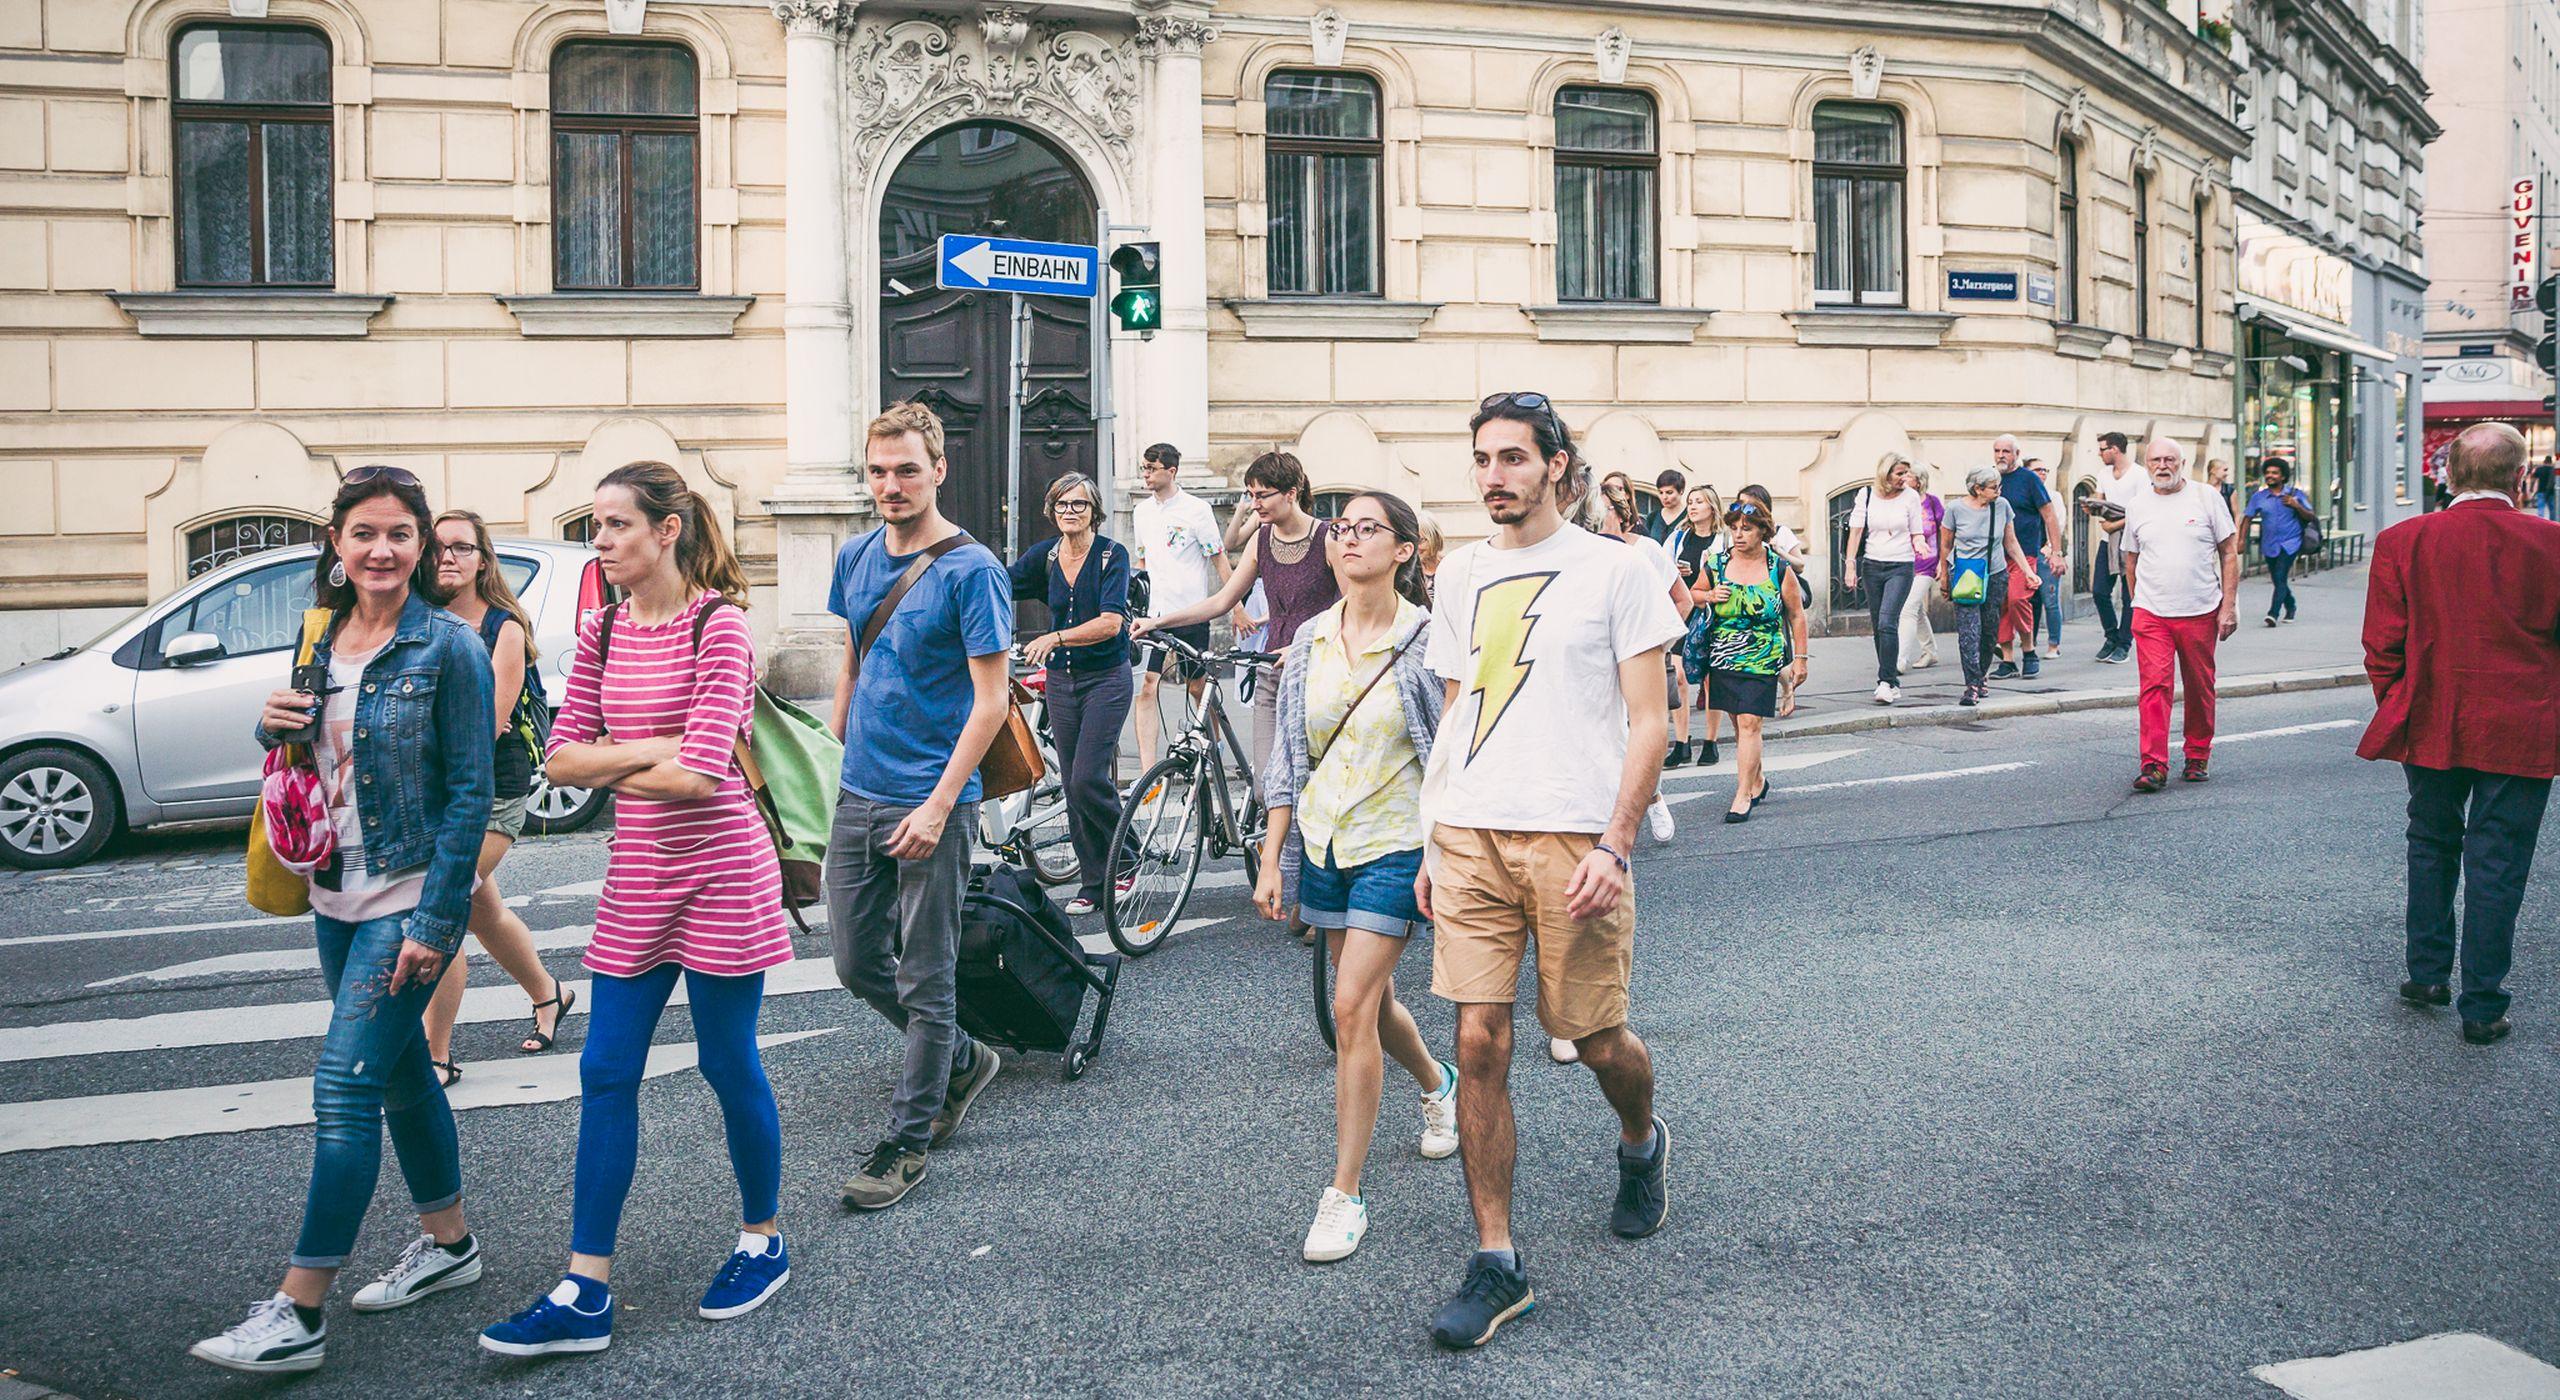 Eine Gruppe Menschen, Frauen, Männer, jung und alt spaziert bei